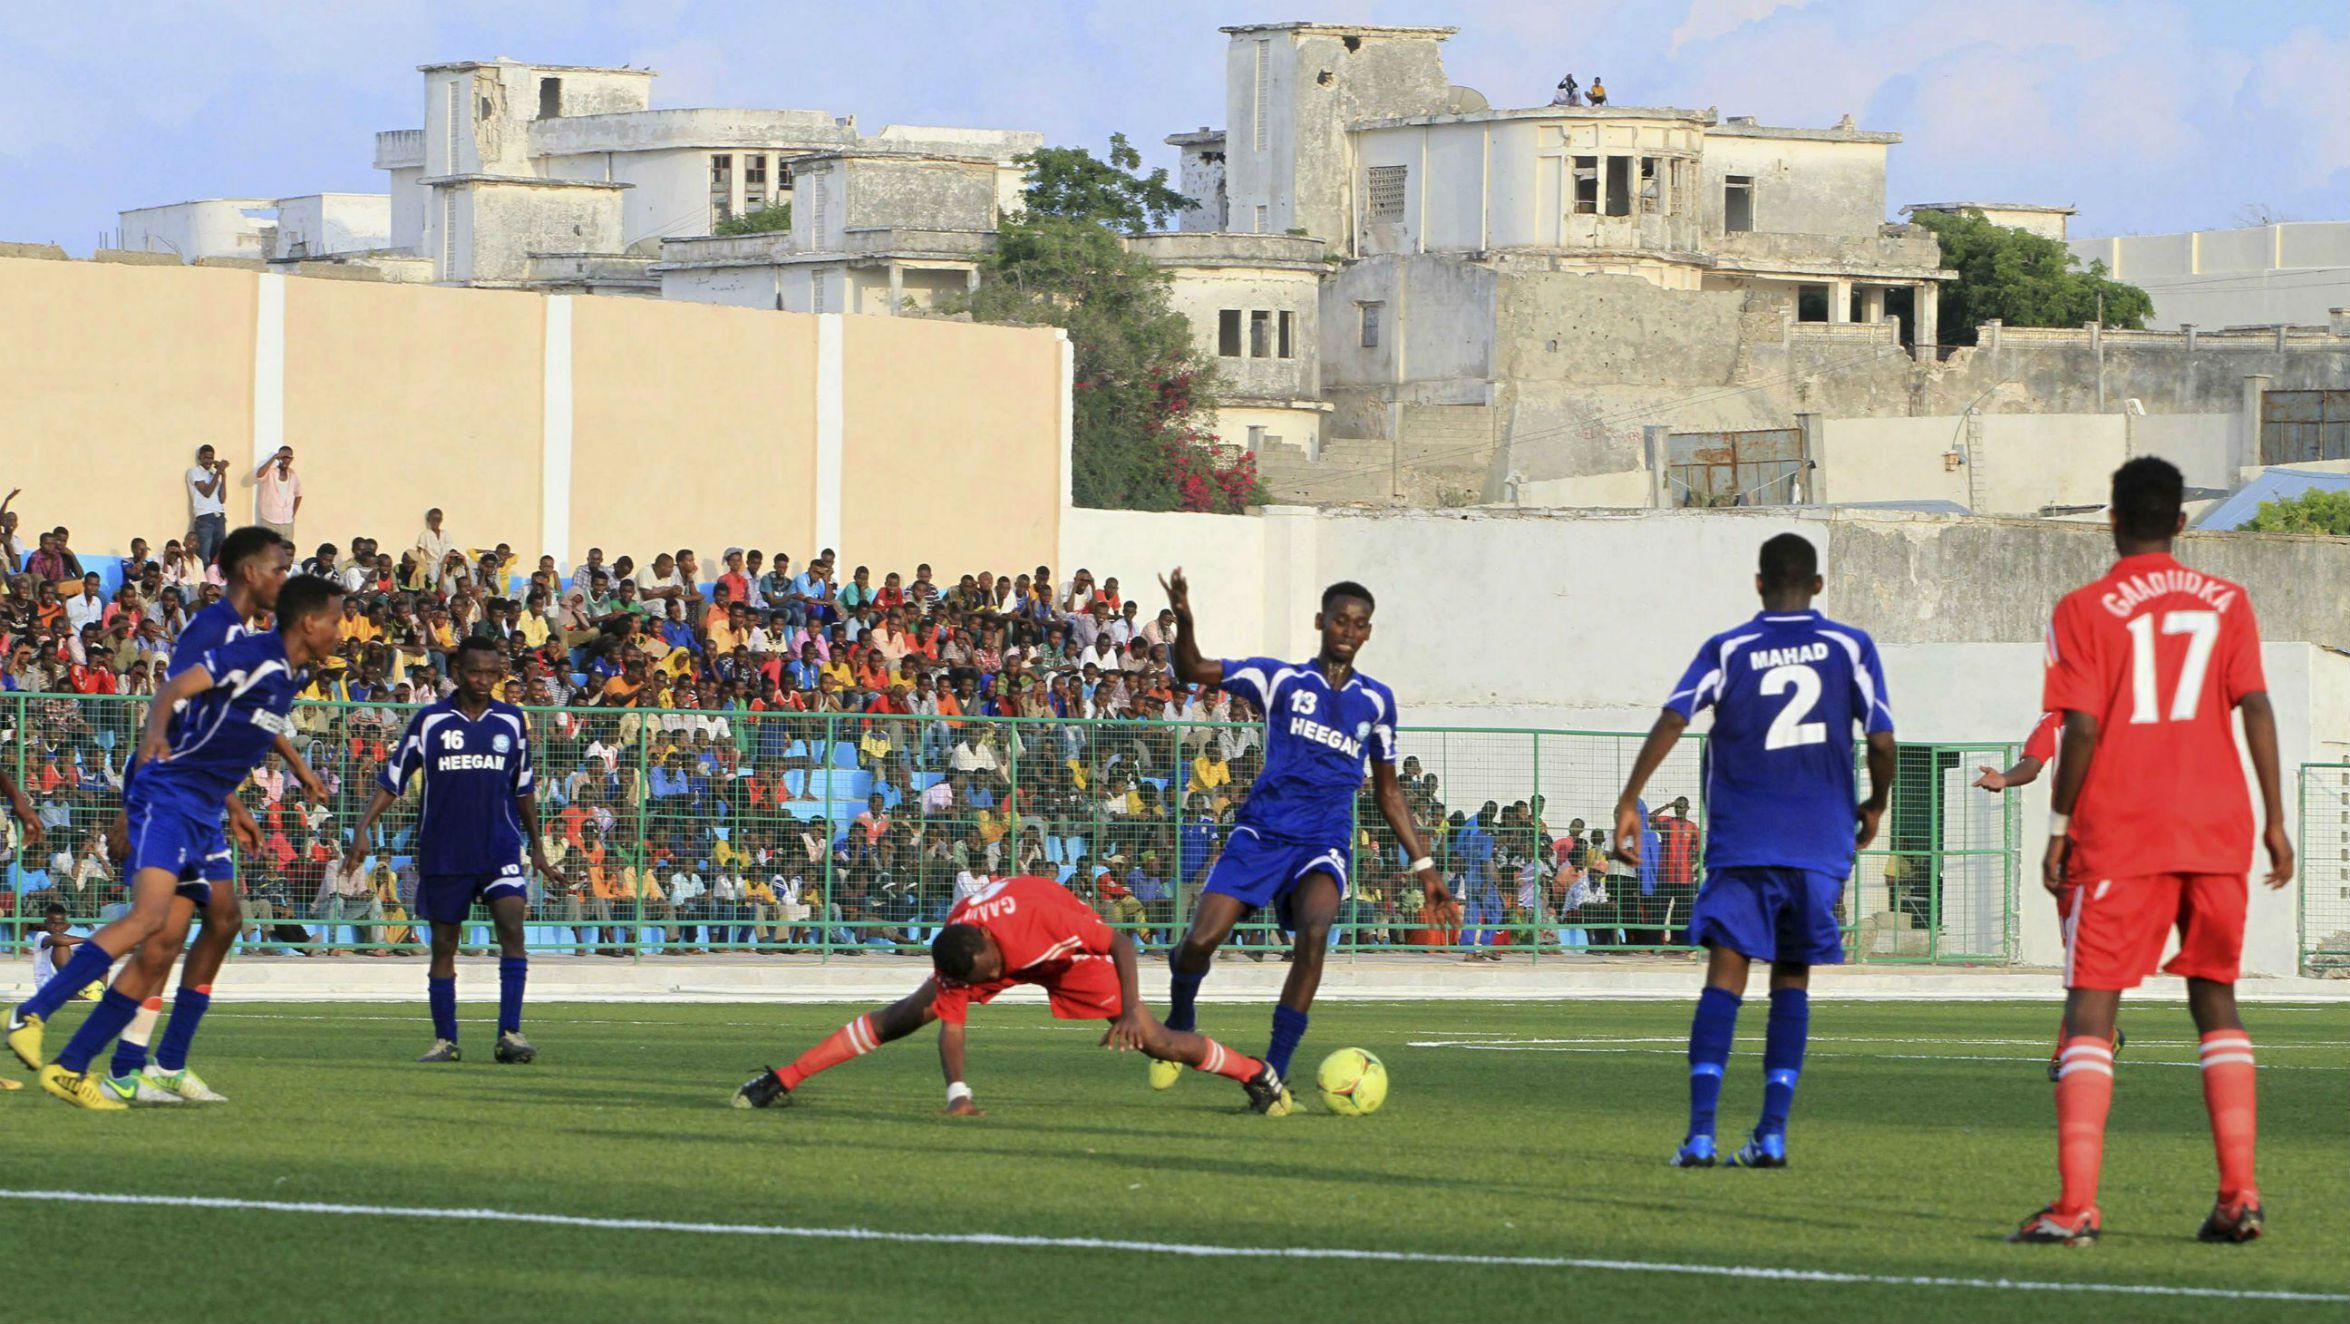 Banadir Stadium in Mogadishu, Somalia